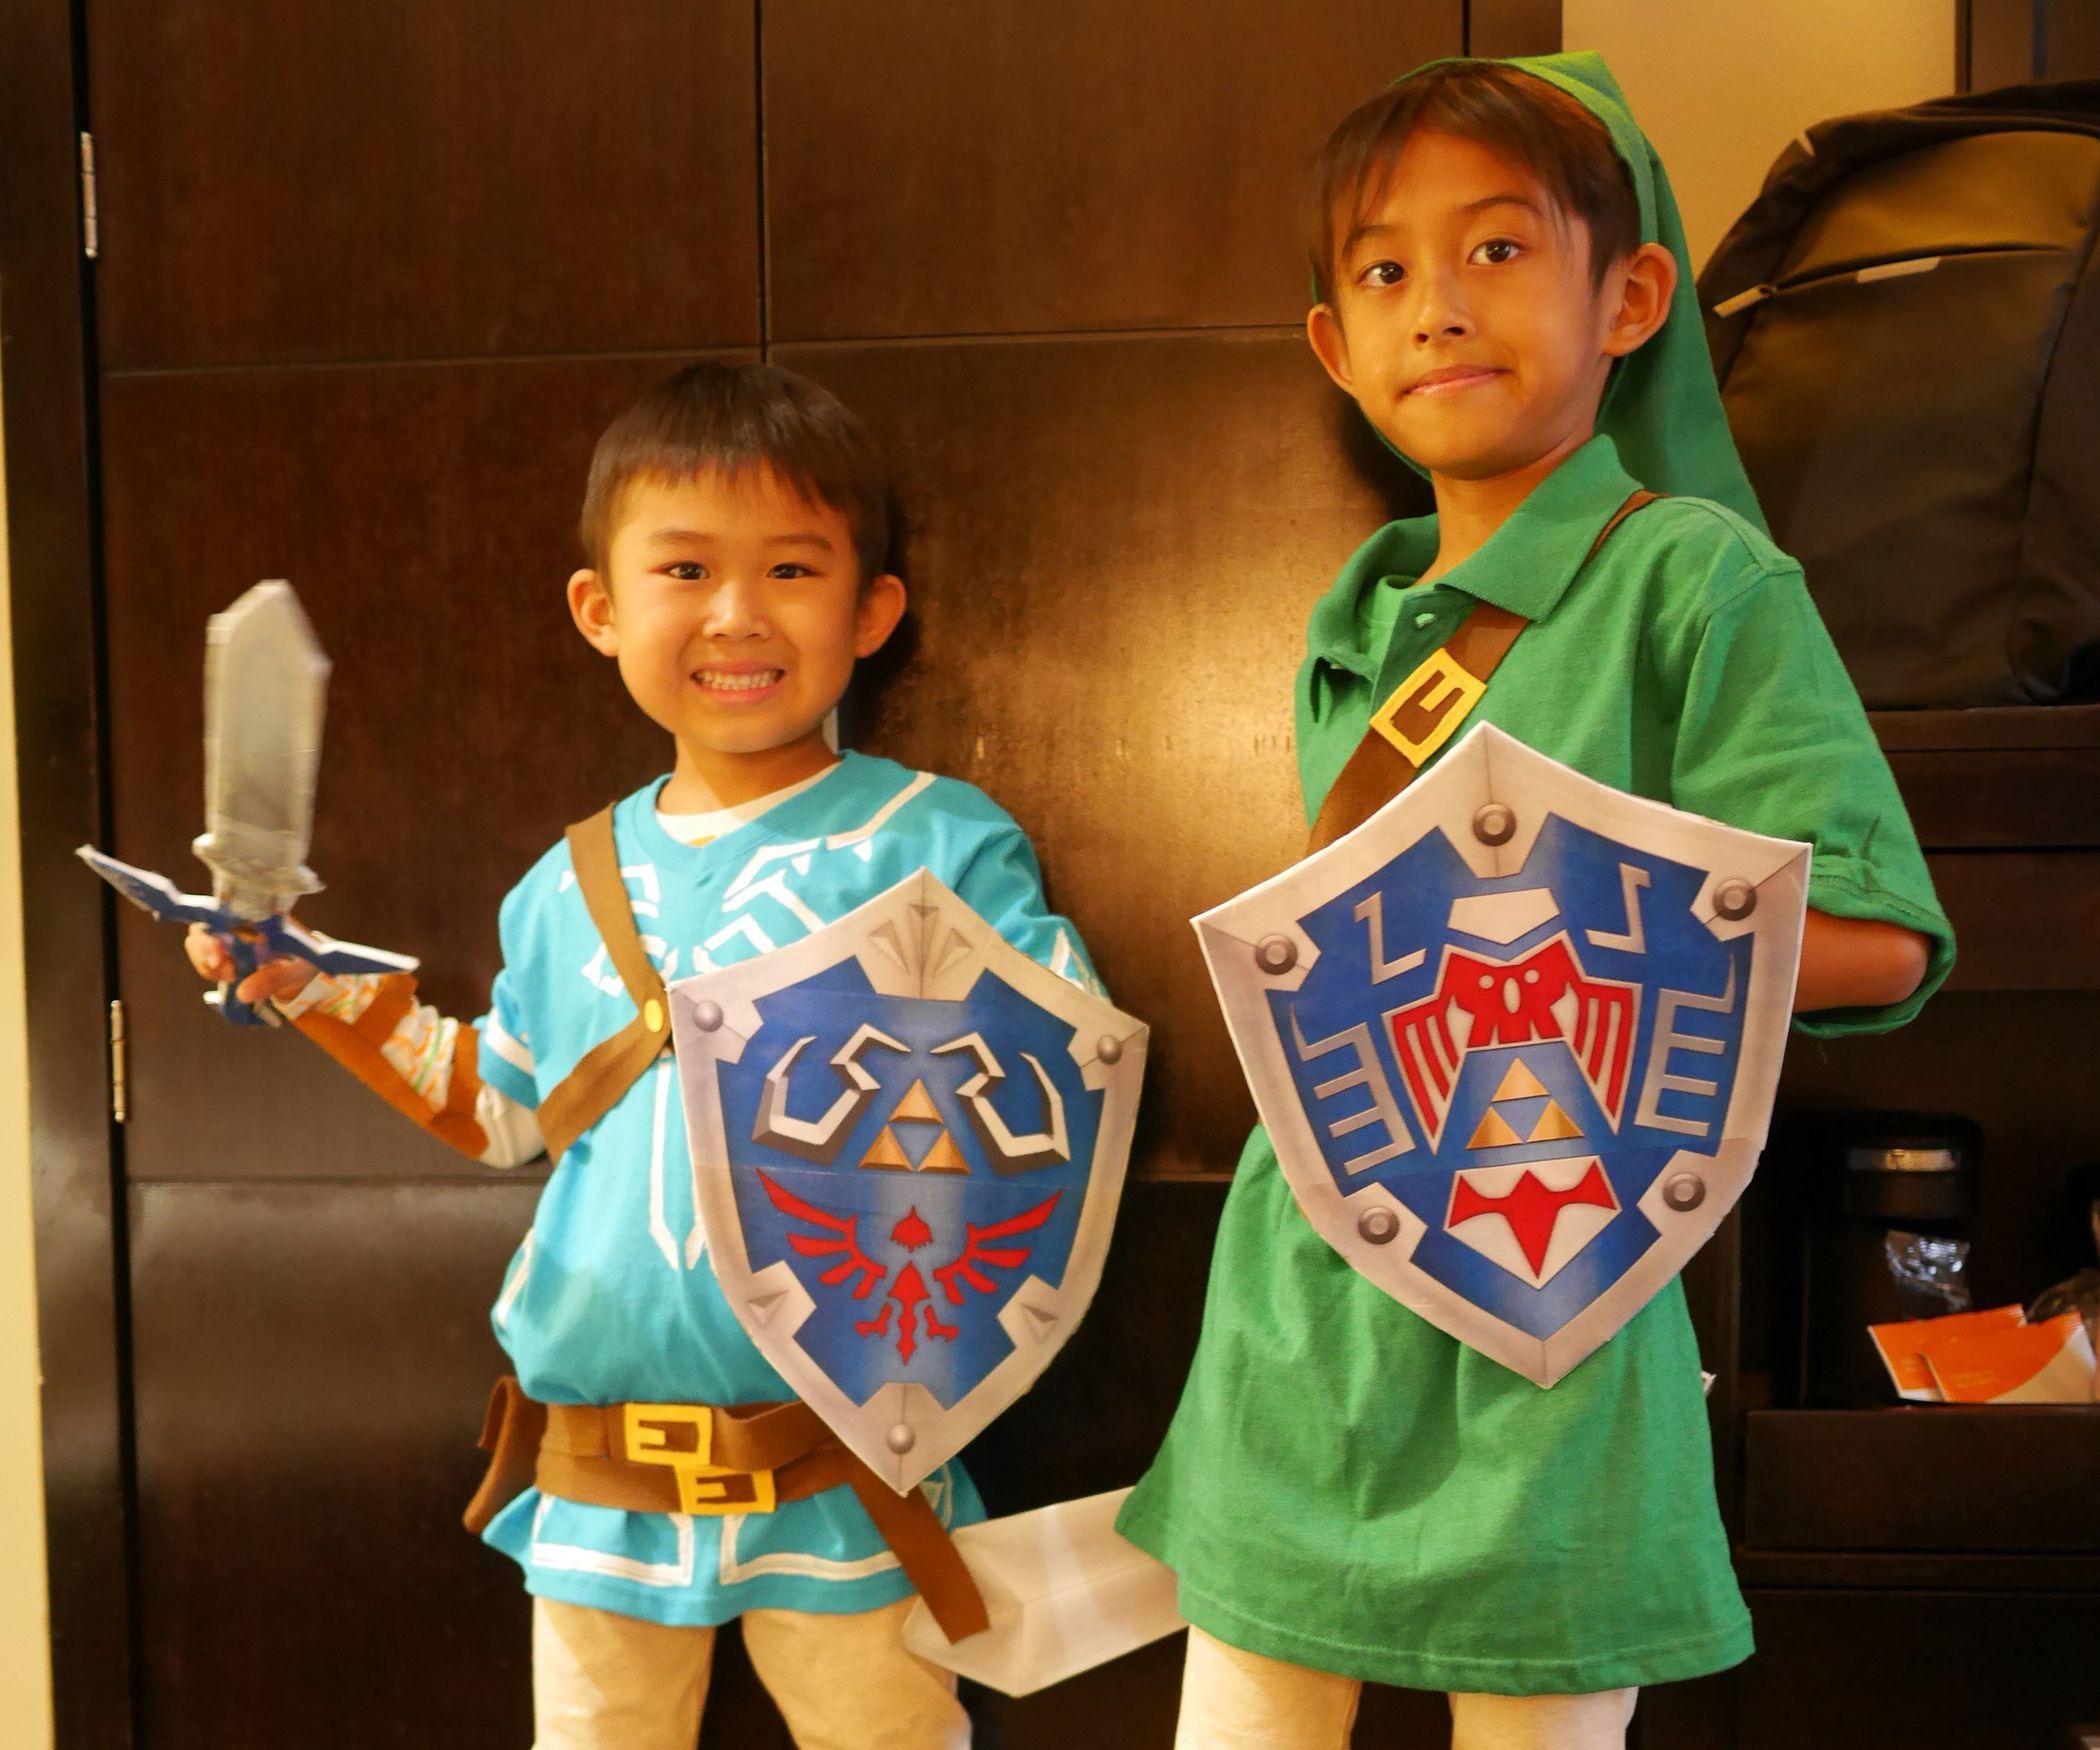 DIY LINK COSTUMES Legend of Zelda - Breath of the Wild u0026 Majorau0027s Mask  sc 1 st  Pinterest & DIY LINK COSTUME: Legend of Zelda - Breath of the Wild u0026 Majorau0027s ...